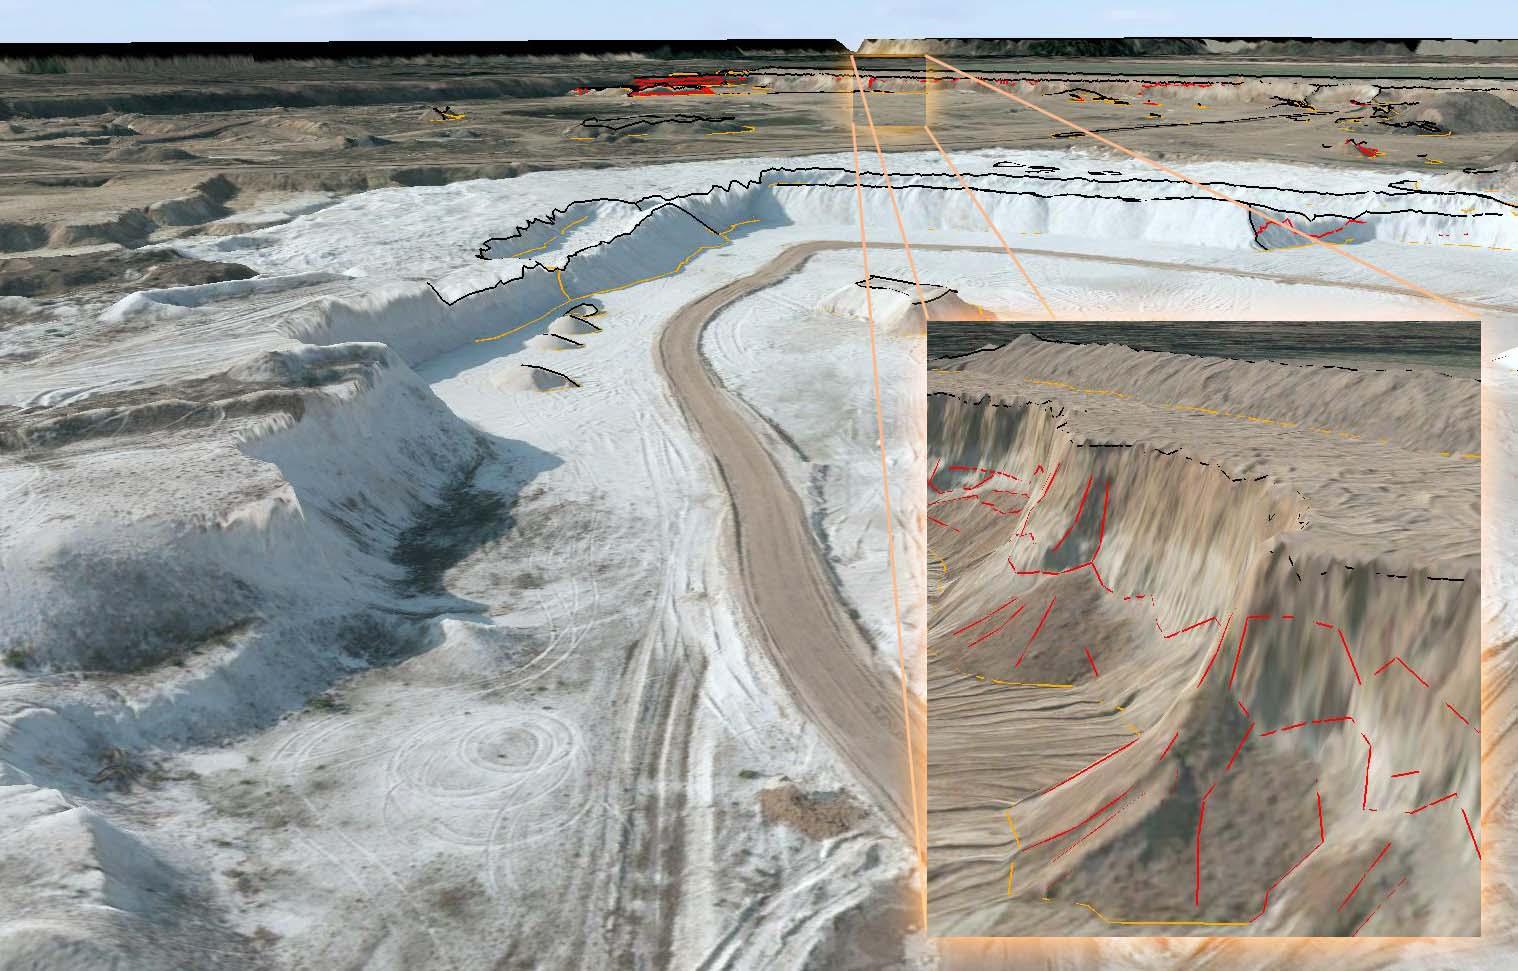 3D Tagebauauswertung, Befliegungen ermöglichen es wirtschaftlich und schnell geografische Informationen zu generieren